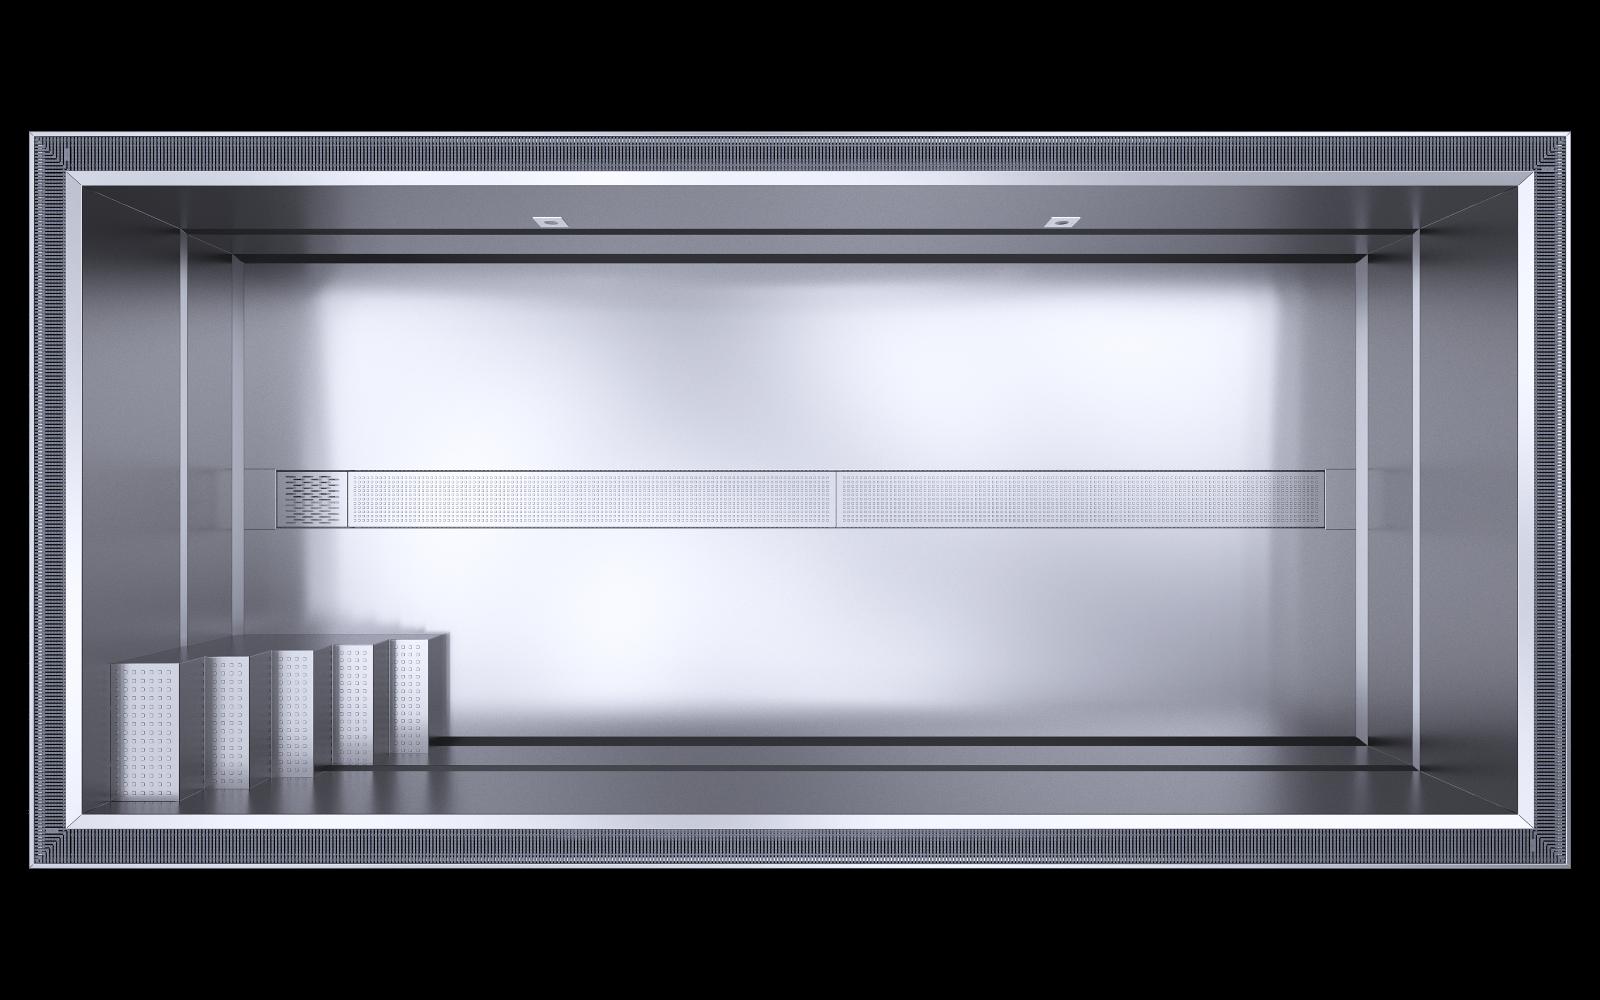 přelivový nerezový bazén (Vlastní) (1)